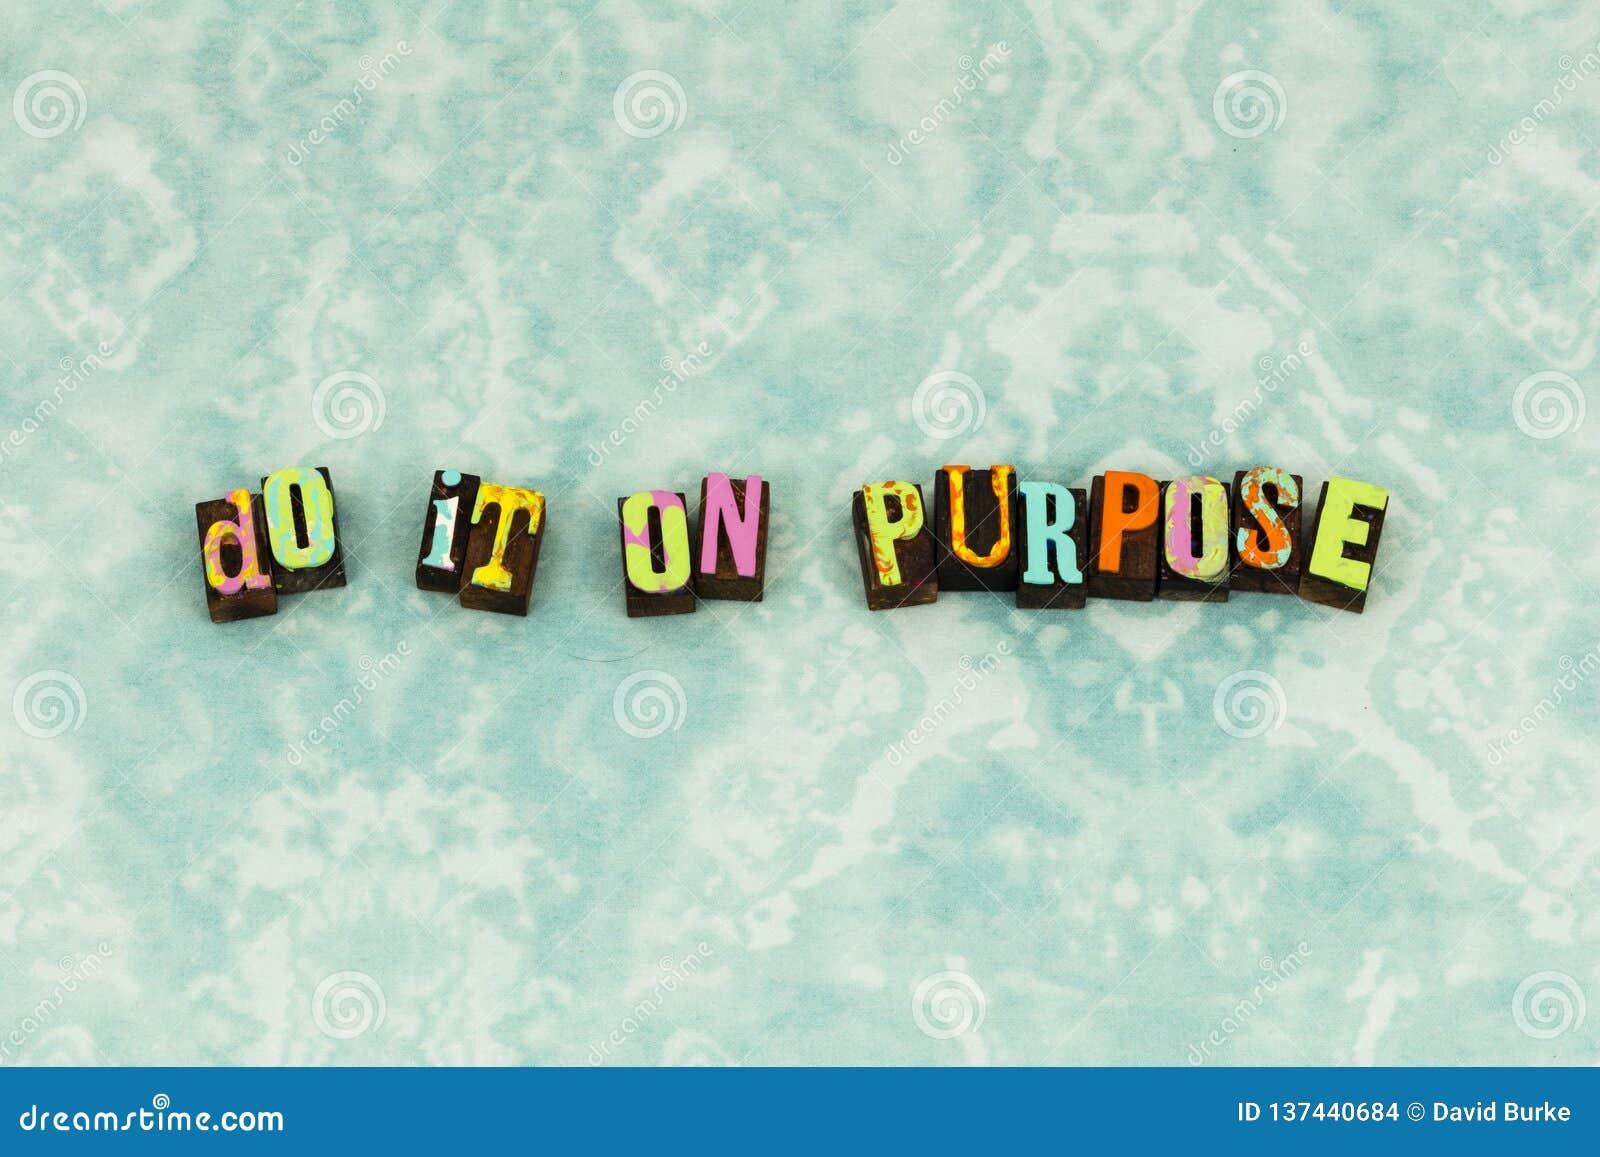 Do purpose happy love life typography